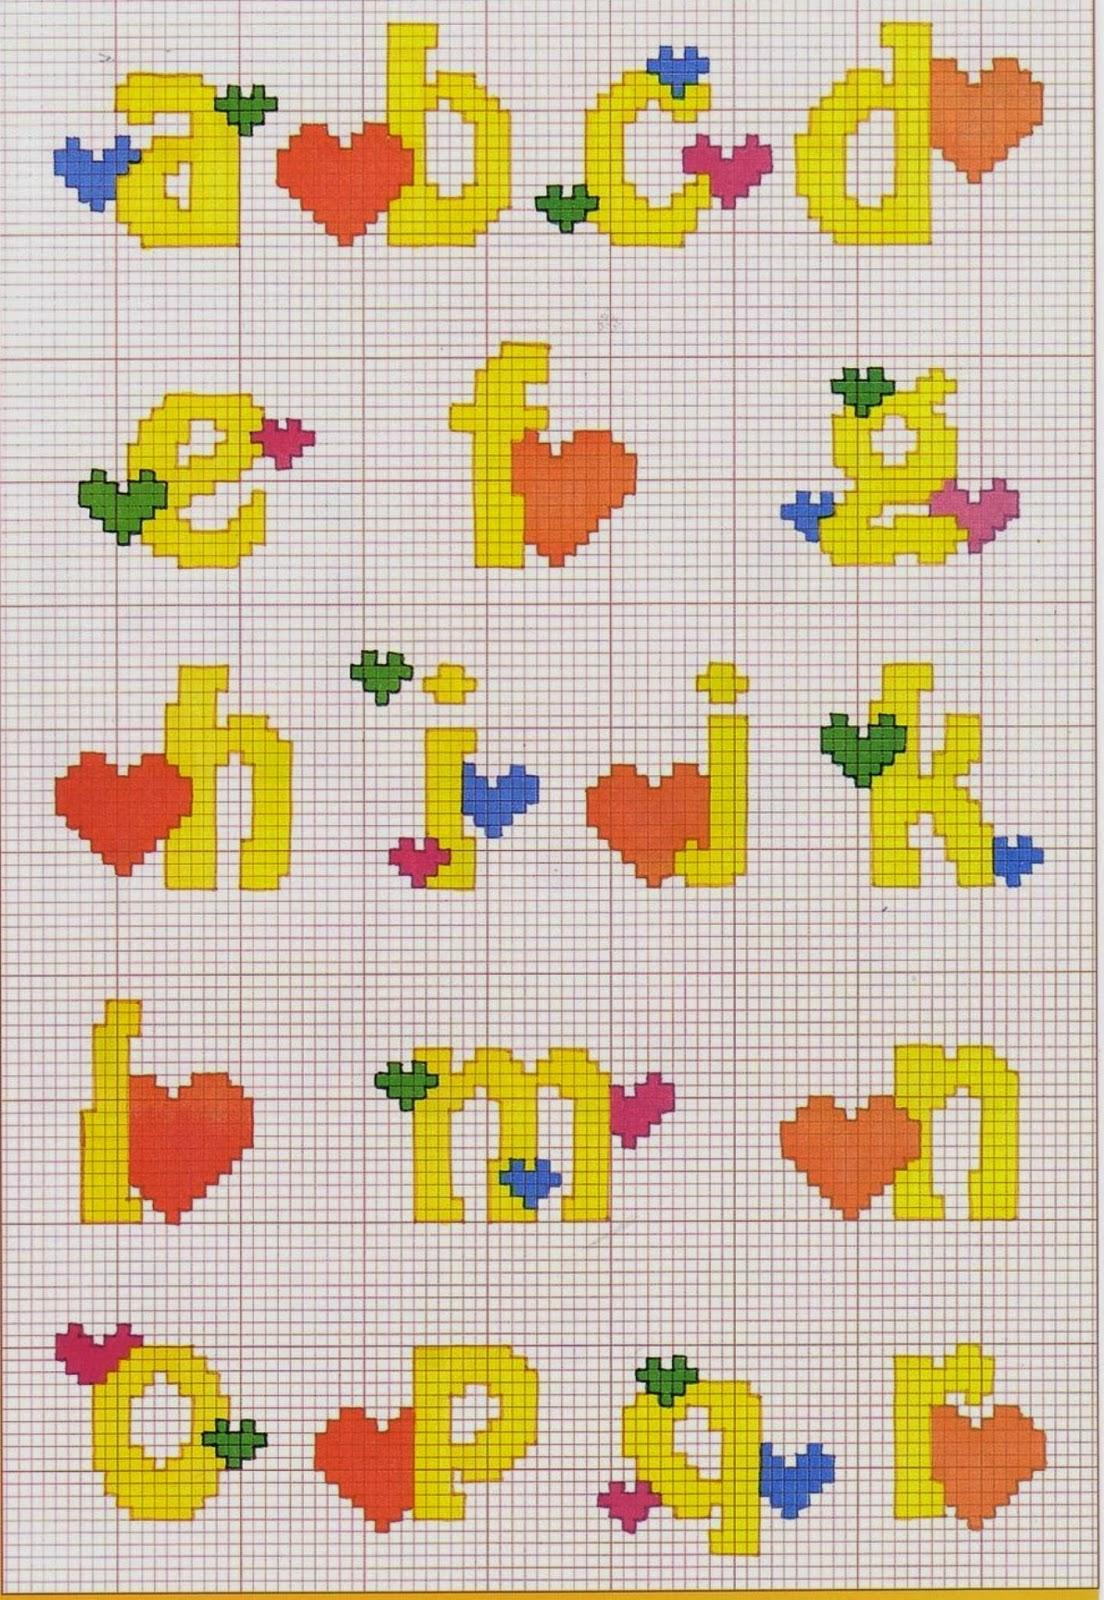 Professione donna schemi a punto croce alfabeto con i for Lettere a punto croce schemi